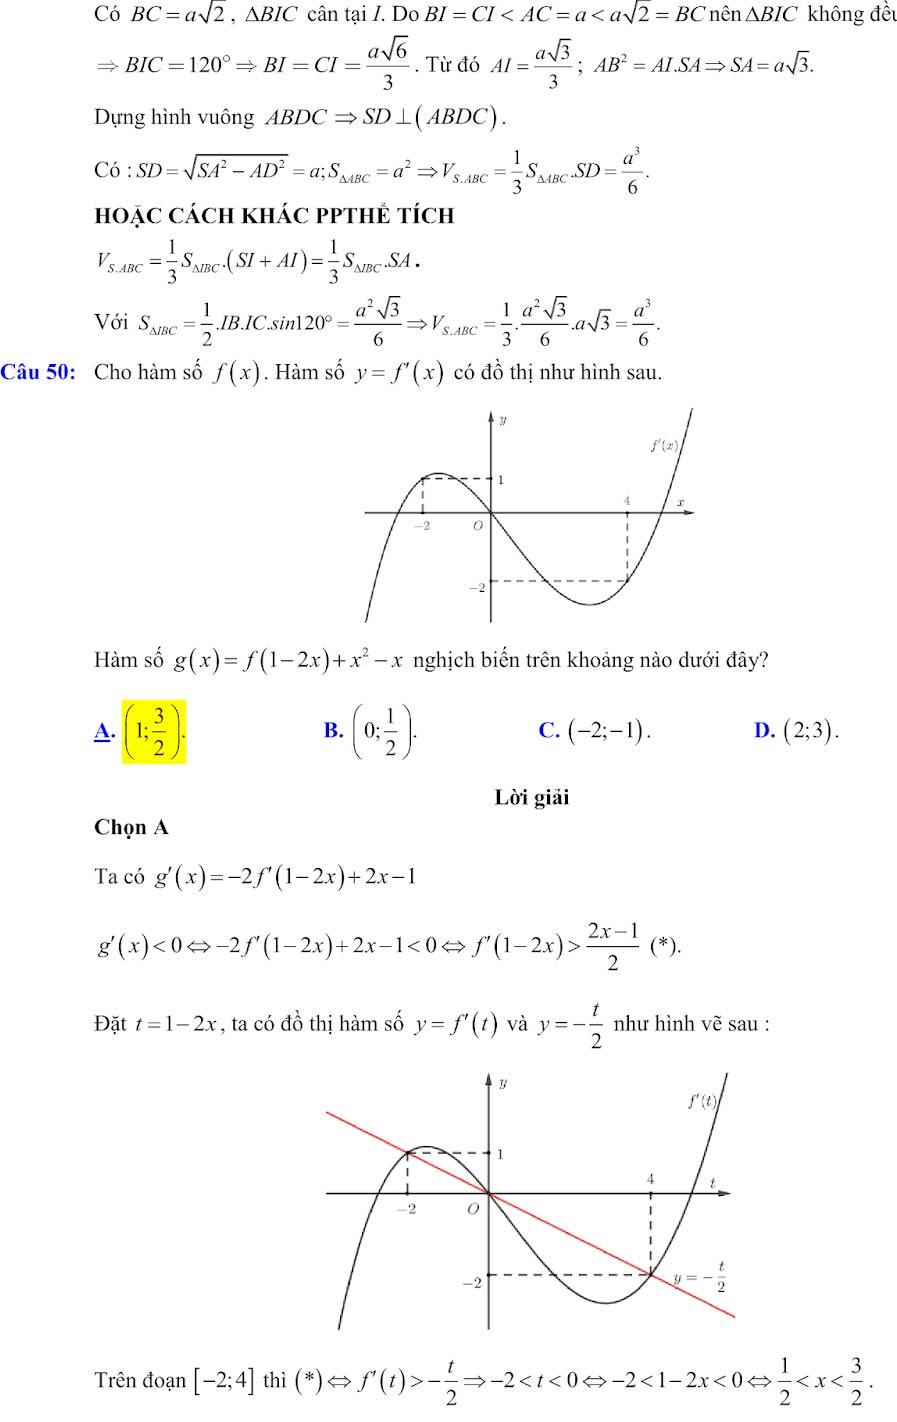 Đáp án đề minh họa thi thpt quốc gia môn toán 2020 lần 1_23